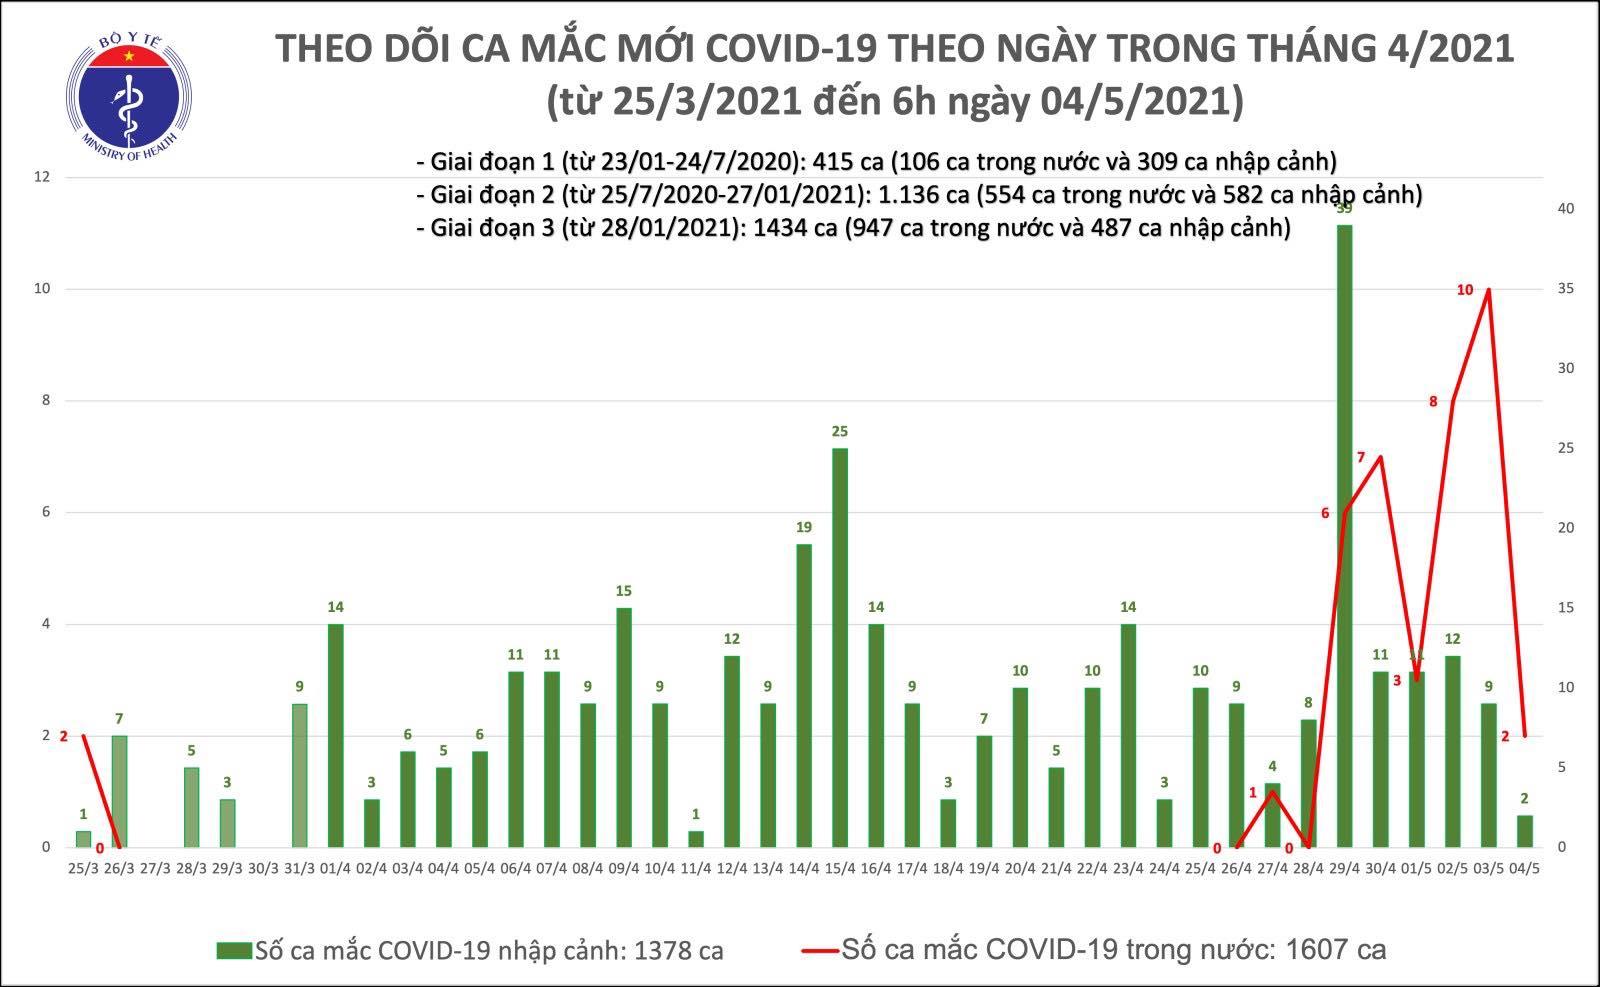 Sáng 4/5: Bộ Y tế công bố chính thức 2 ca mắc COVID-19 trong nước tại Hà Nội và Đà Nẵng - Ảnh 1